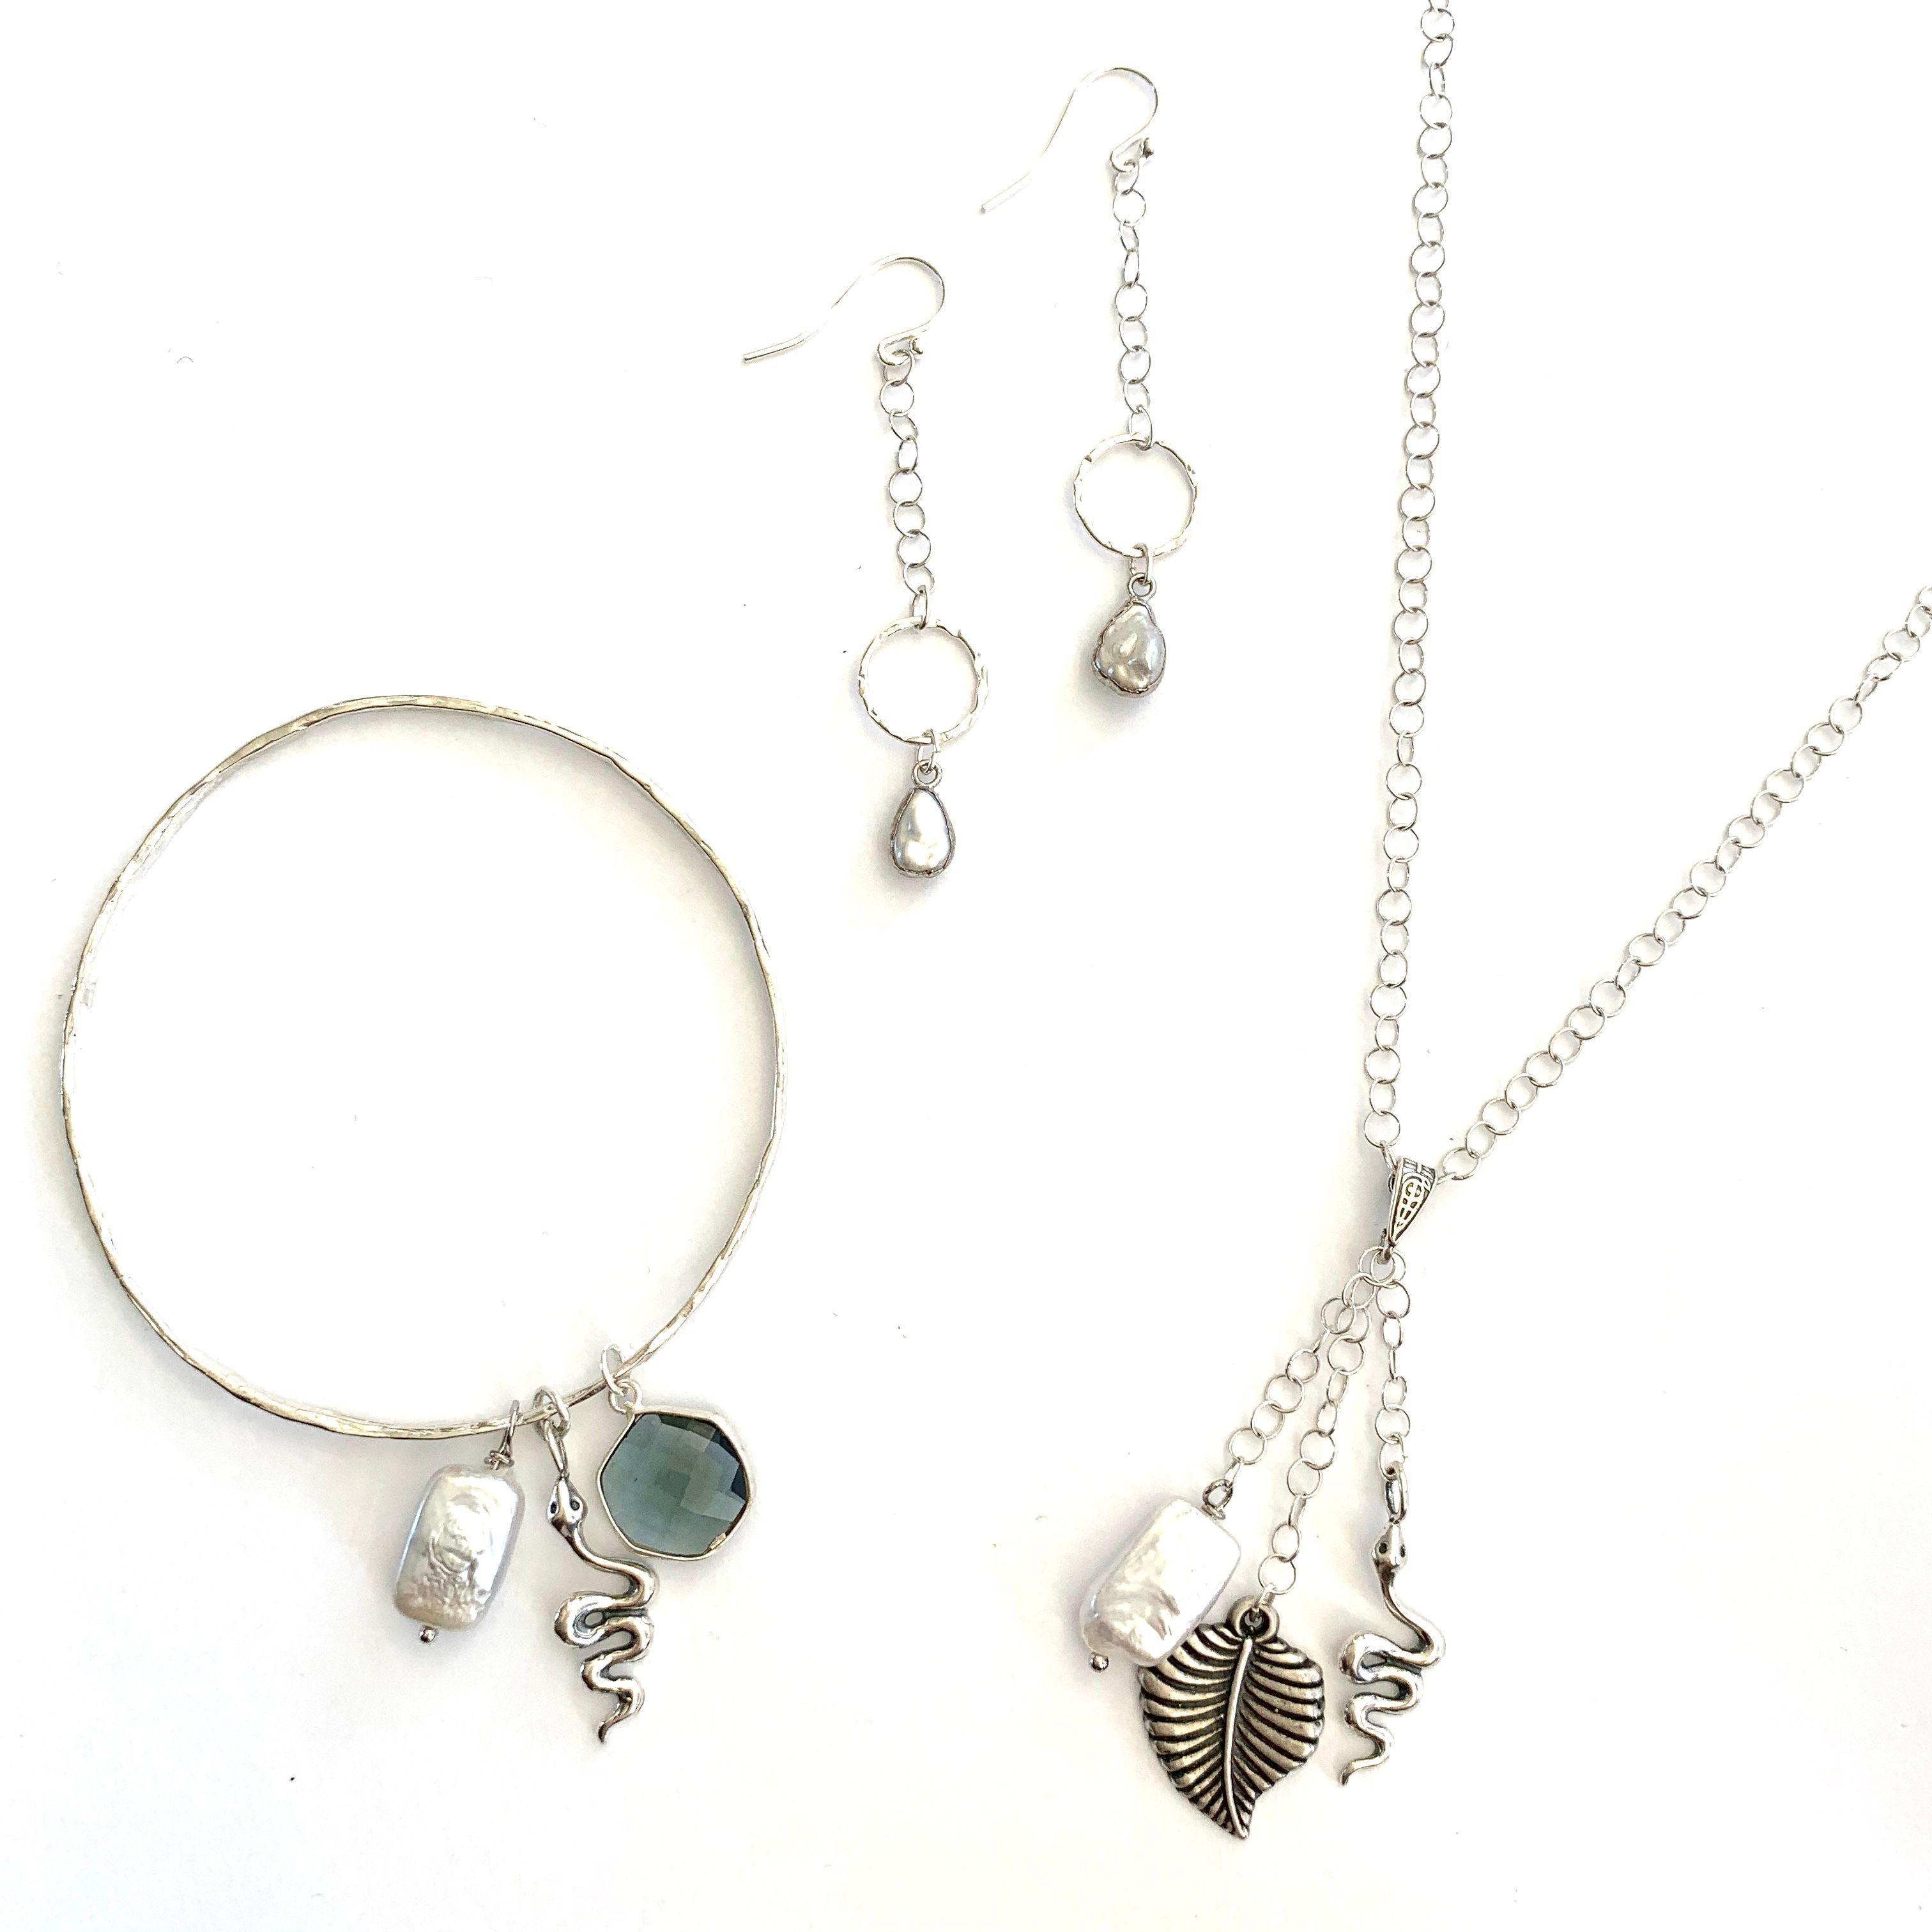 The Silver IT set...  - - - - - #sterlingsilver #necklace #bracelet #earrings #costamesa #orangecounty #customjewelry